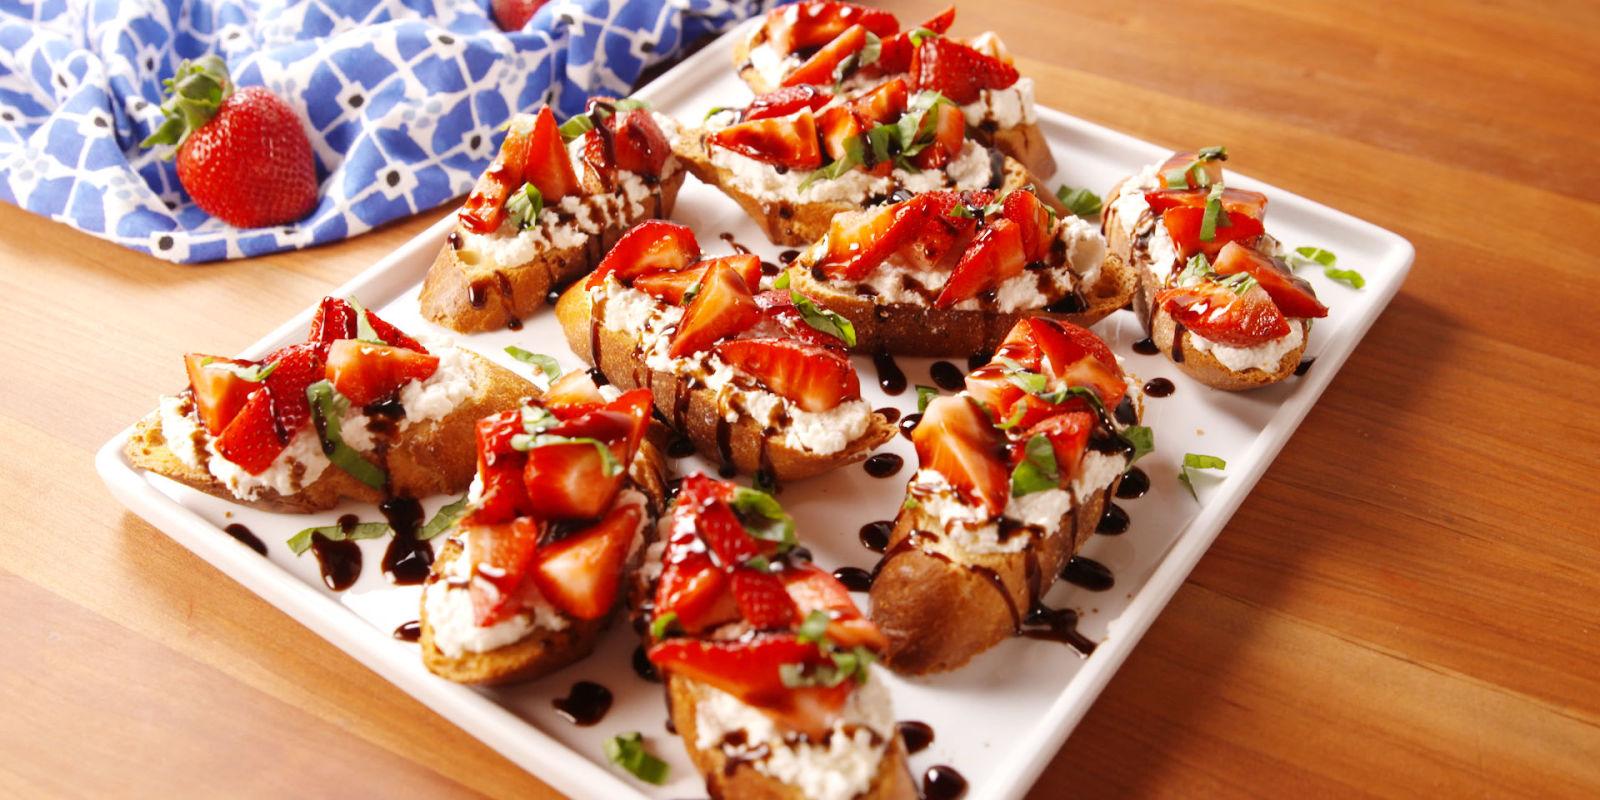 Best Strawberry Balsamic Bruschetta Recipe How To Make